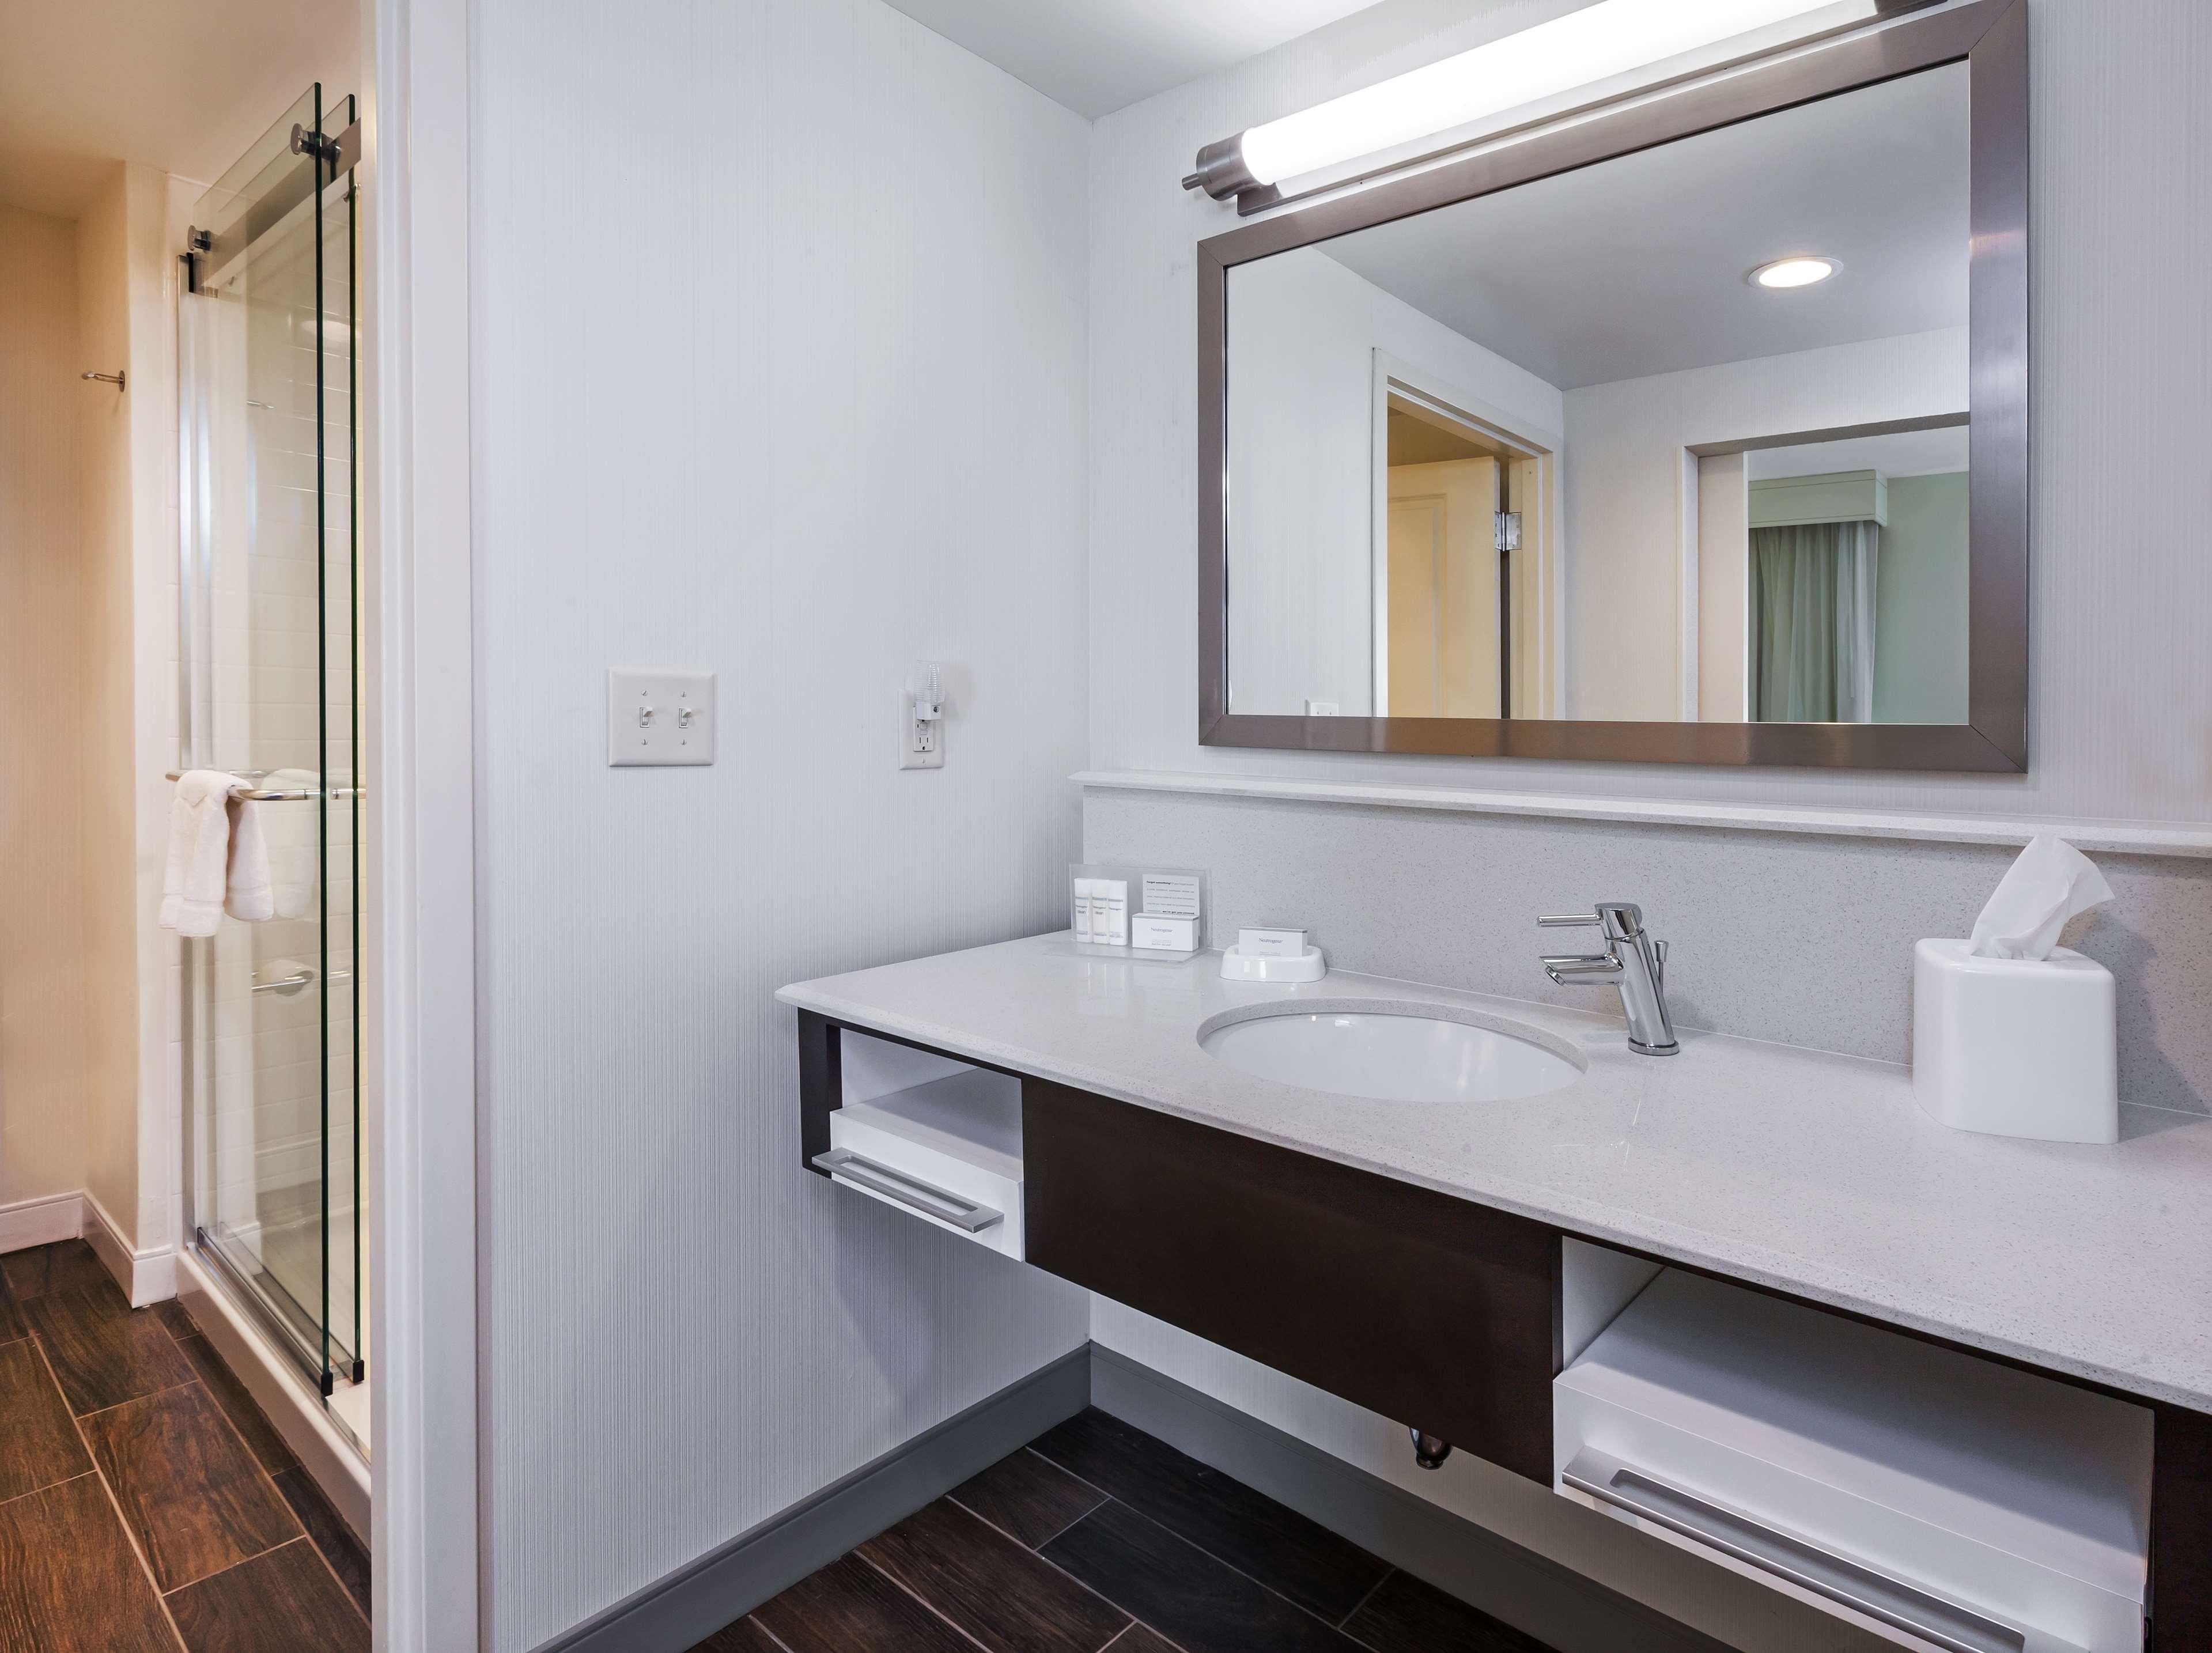 Hampton Inn & Suites Claremore image 25